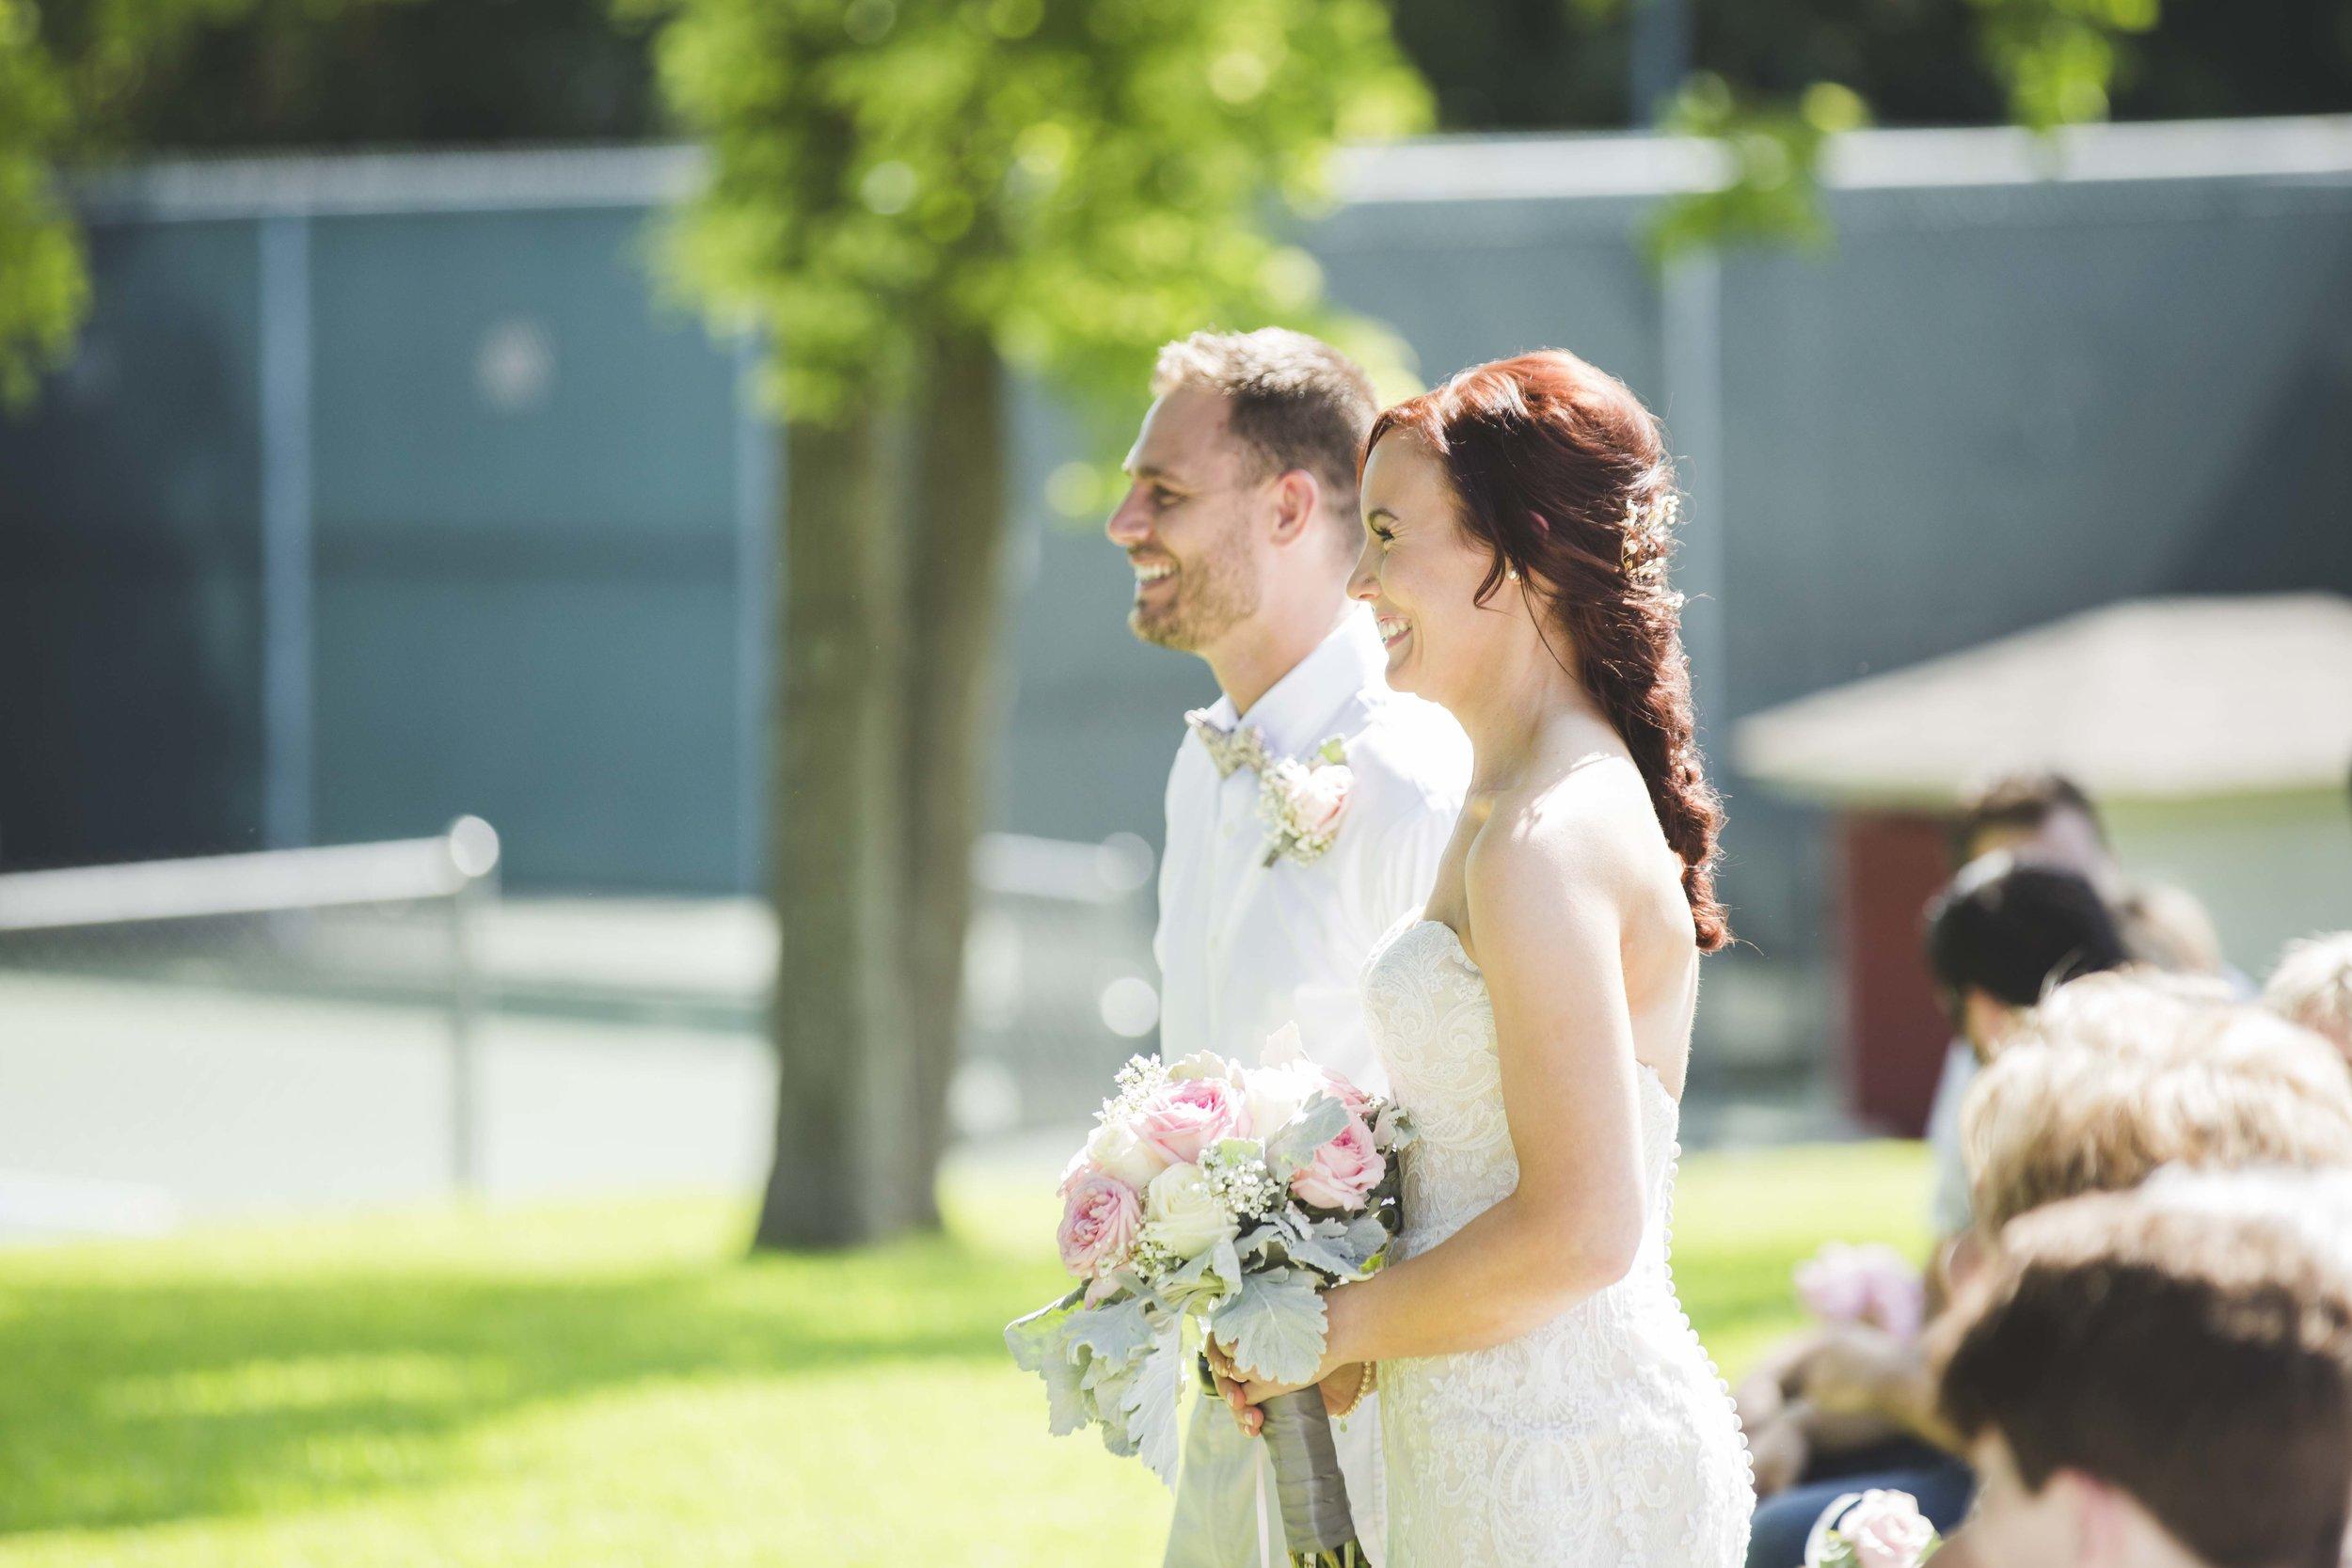 ATGI_Susanna & Matt Wedding_717A7598.jpg